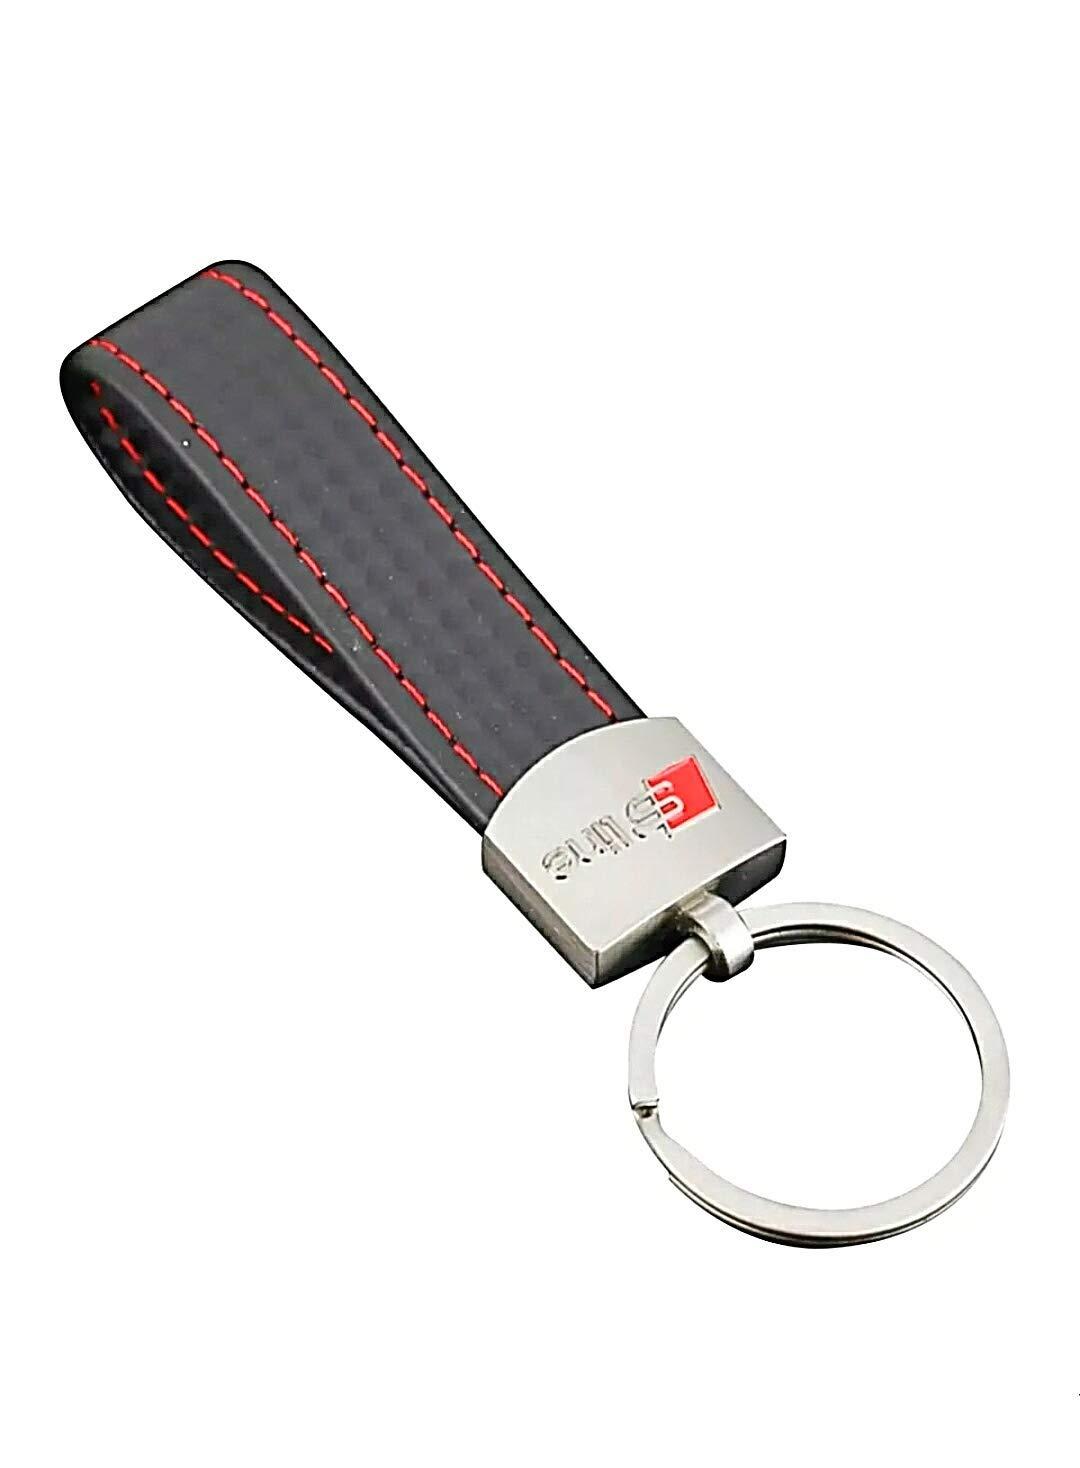 vvcesidot Porte Clé Audi S Line en Cuir synthétique Effet Carbone avec Rive Sline avec Logo Audi S Line Keyring Audi Porte-clés